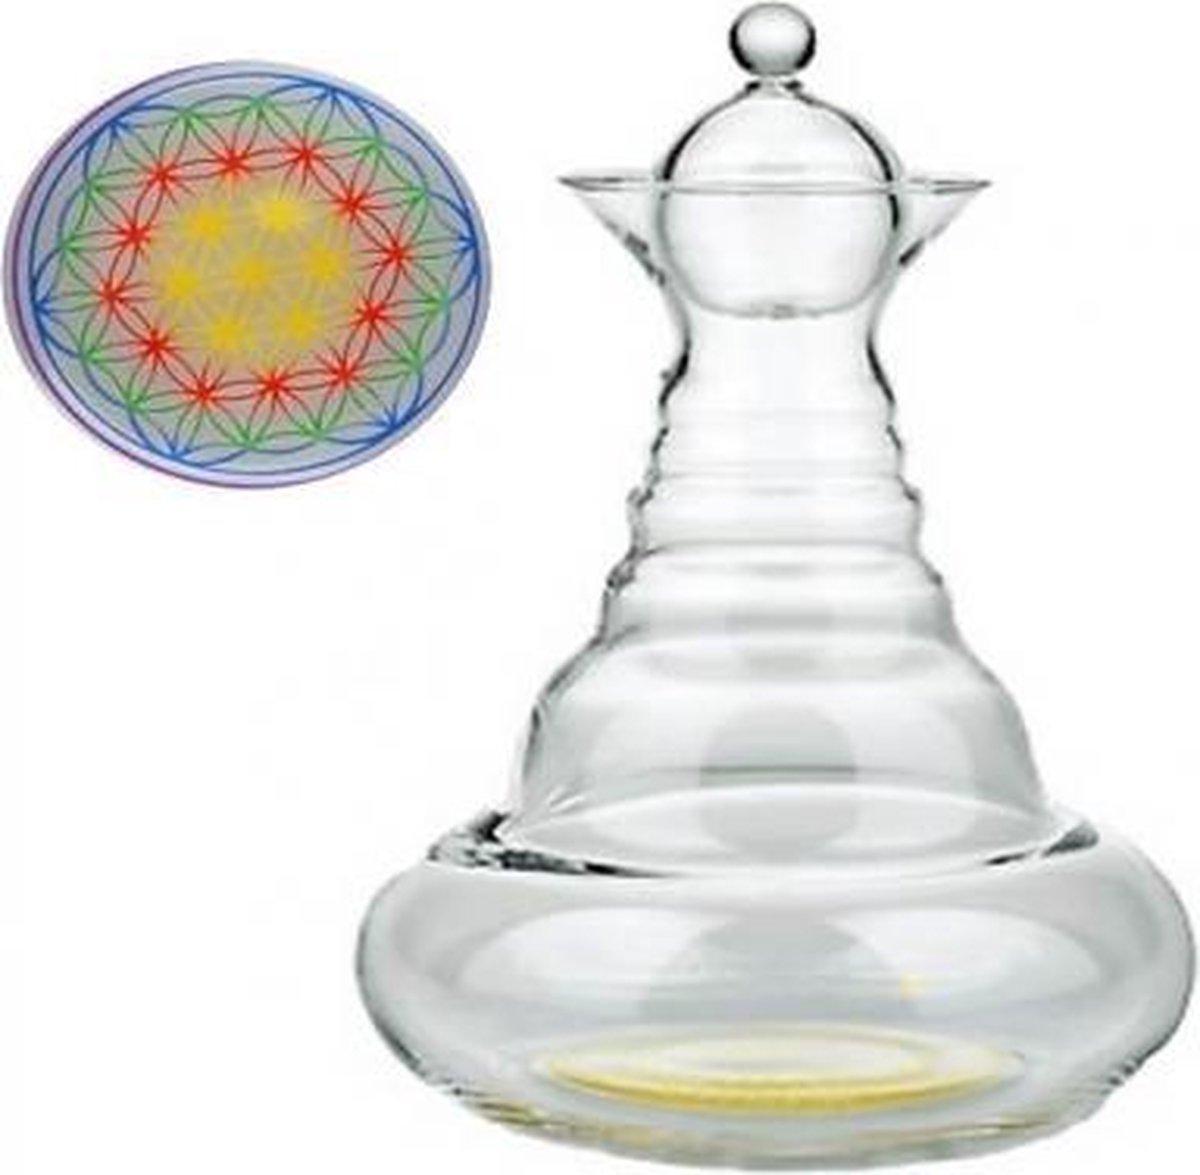 Vitaalwaterkaraf Happy Alladin met BDL kleur - 1300 - Glas - M - Bloem des Levens